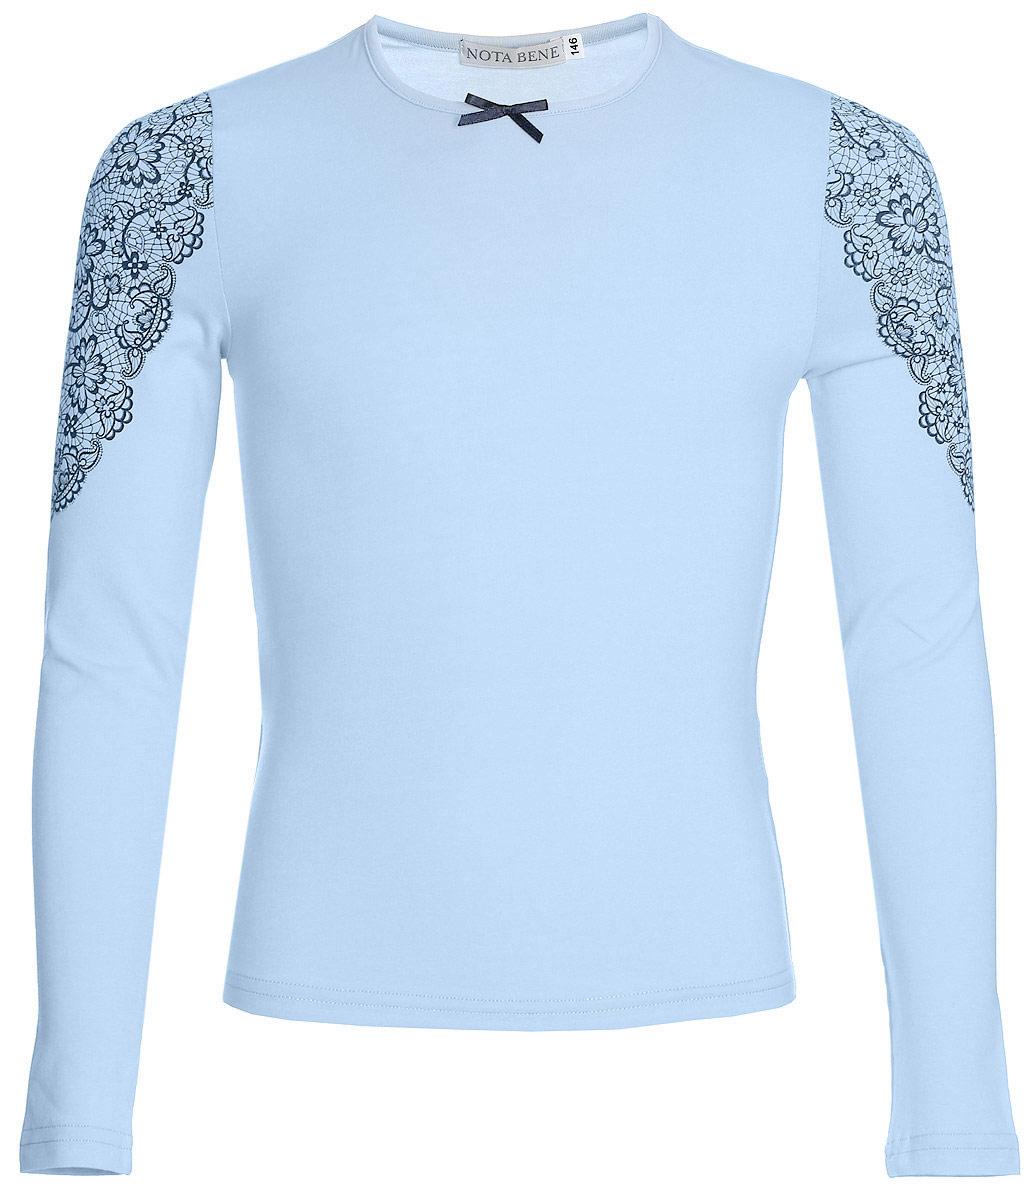 Блузка для девочки Nota Bene, цвет: голубой. CJR27033A10. Размер 140CJR27033A10/CJR27033B10Блузка для девочки Nota Bene выполнена из хлопкового трикотажа с кружевной отделкой. Модель с длинными рукавами и круглым вырезом горловины.